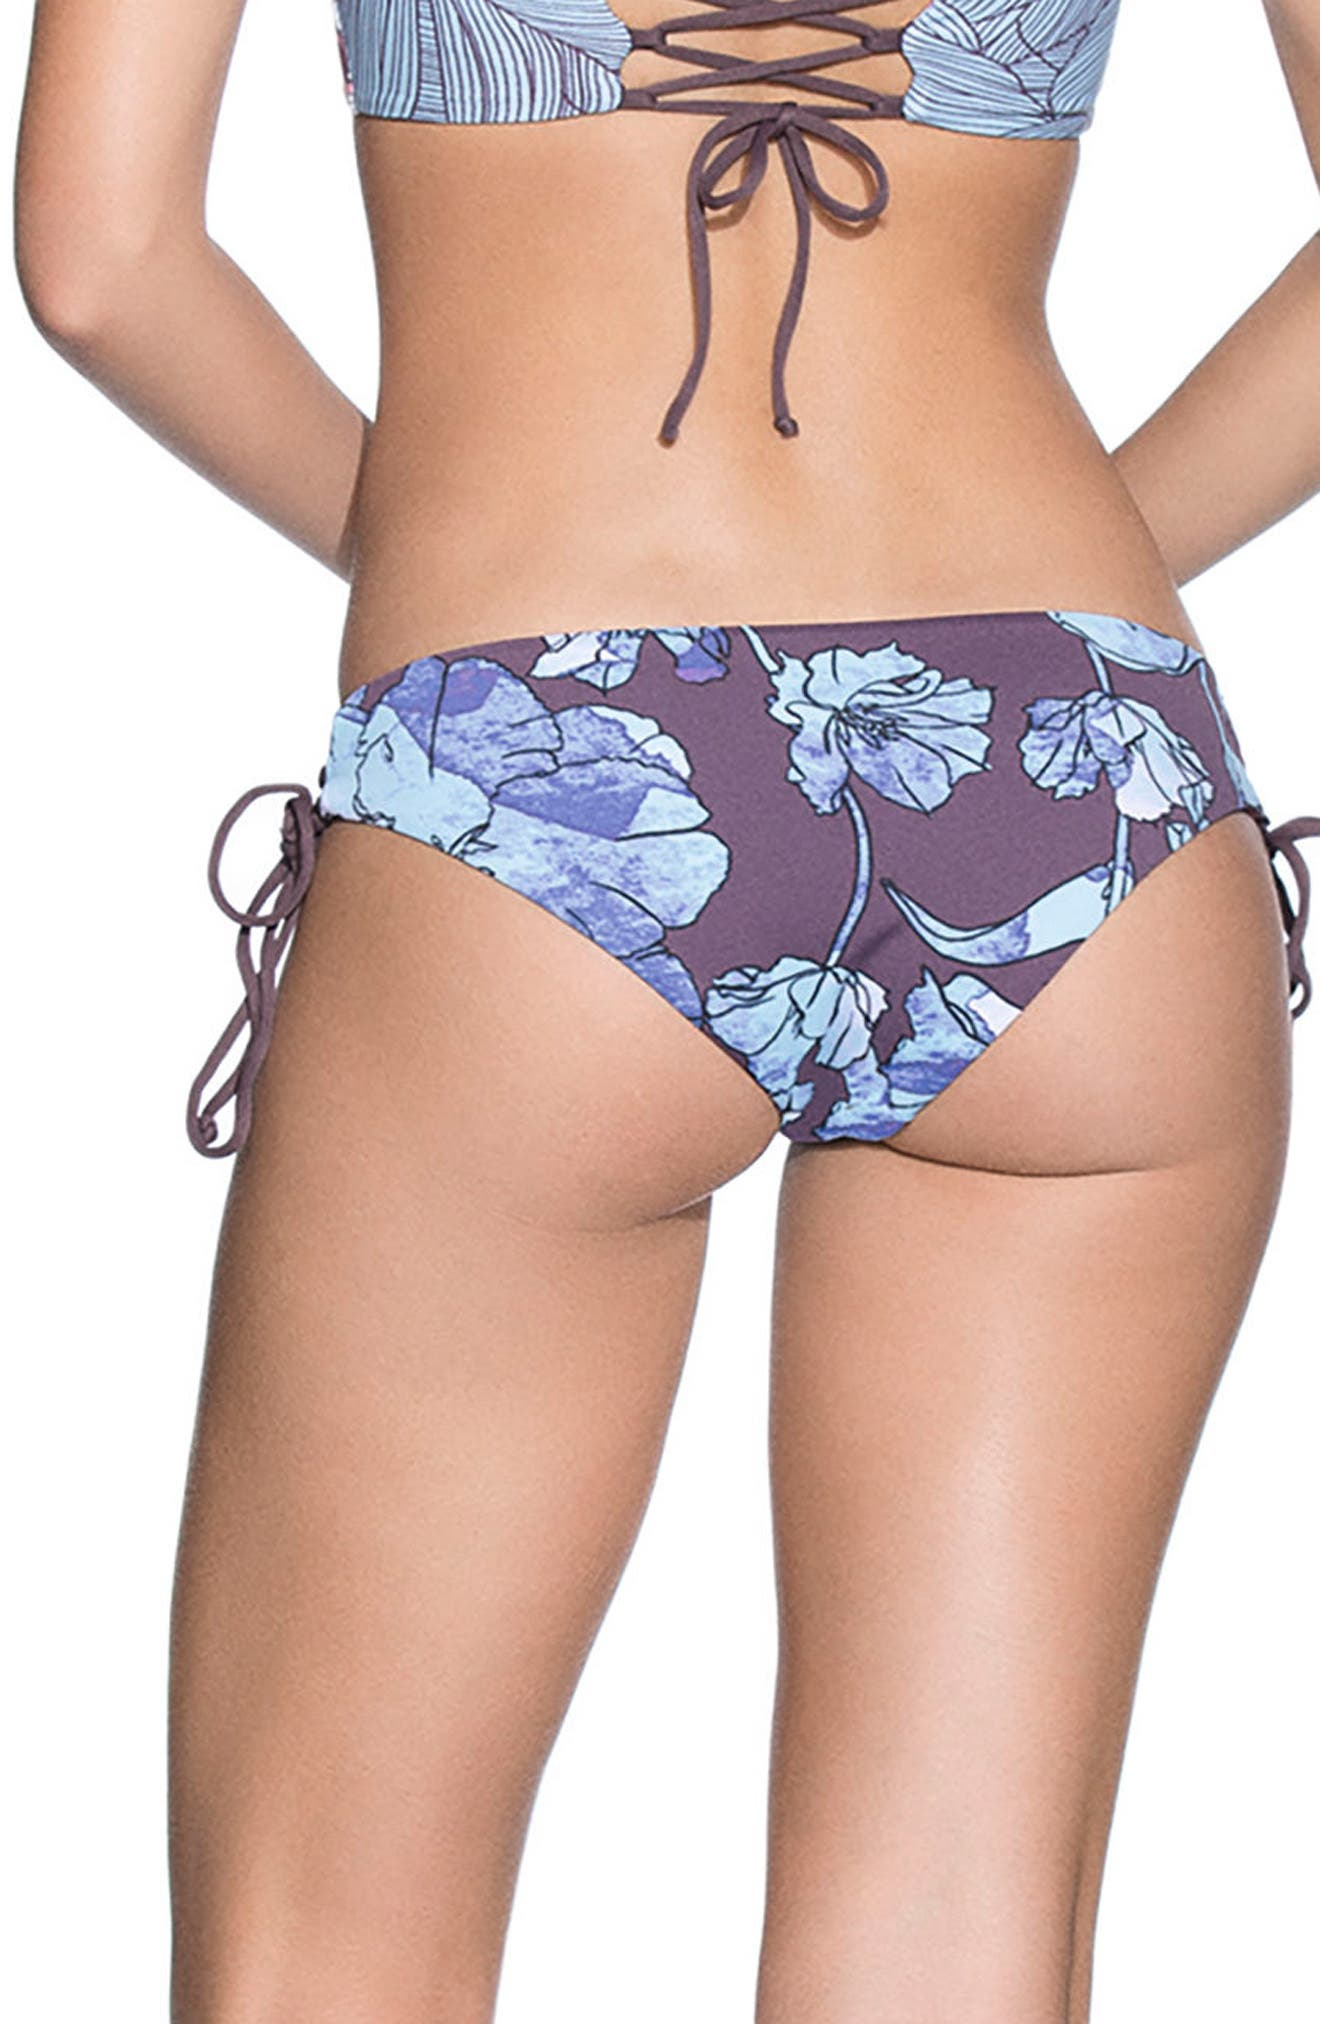 Providence Island Signature Rervsible Bikini Bottoms,                             Alternate thumbnail 2, color,                             Light Blue Multi